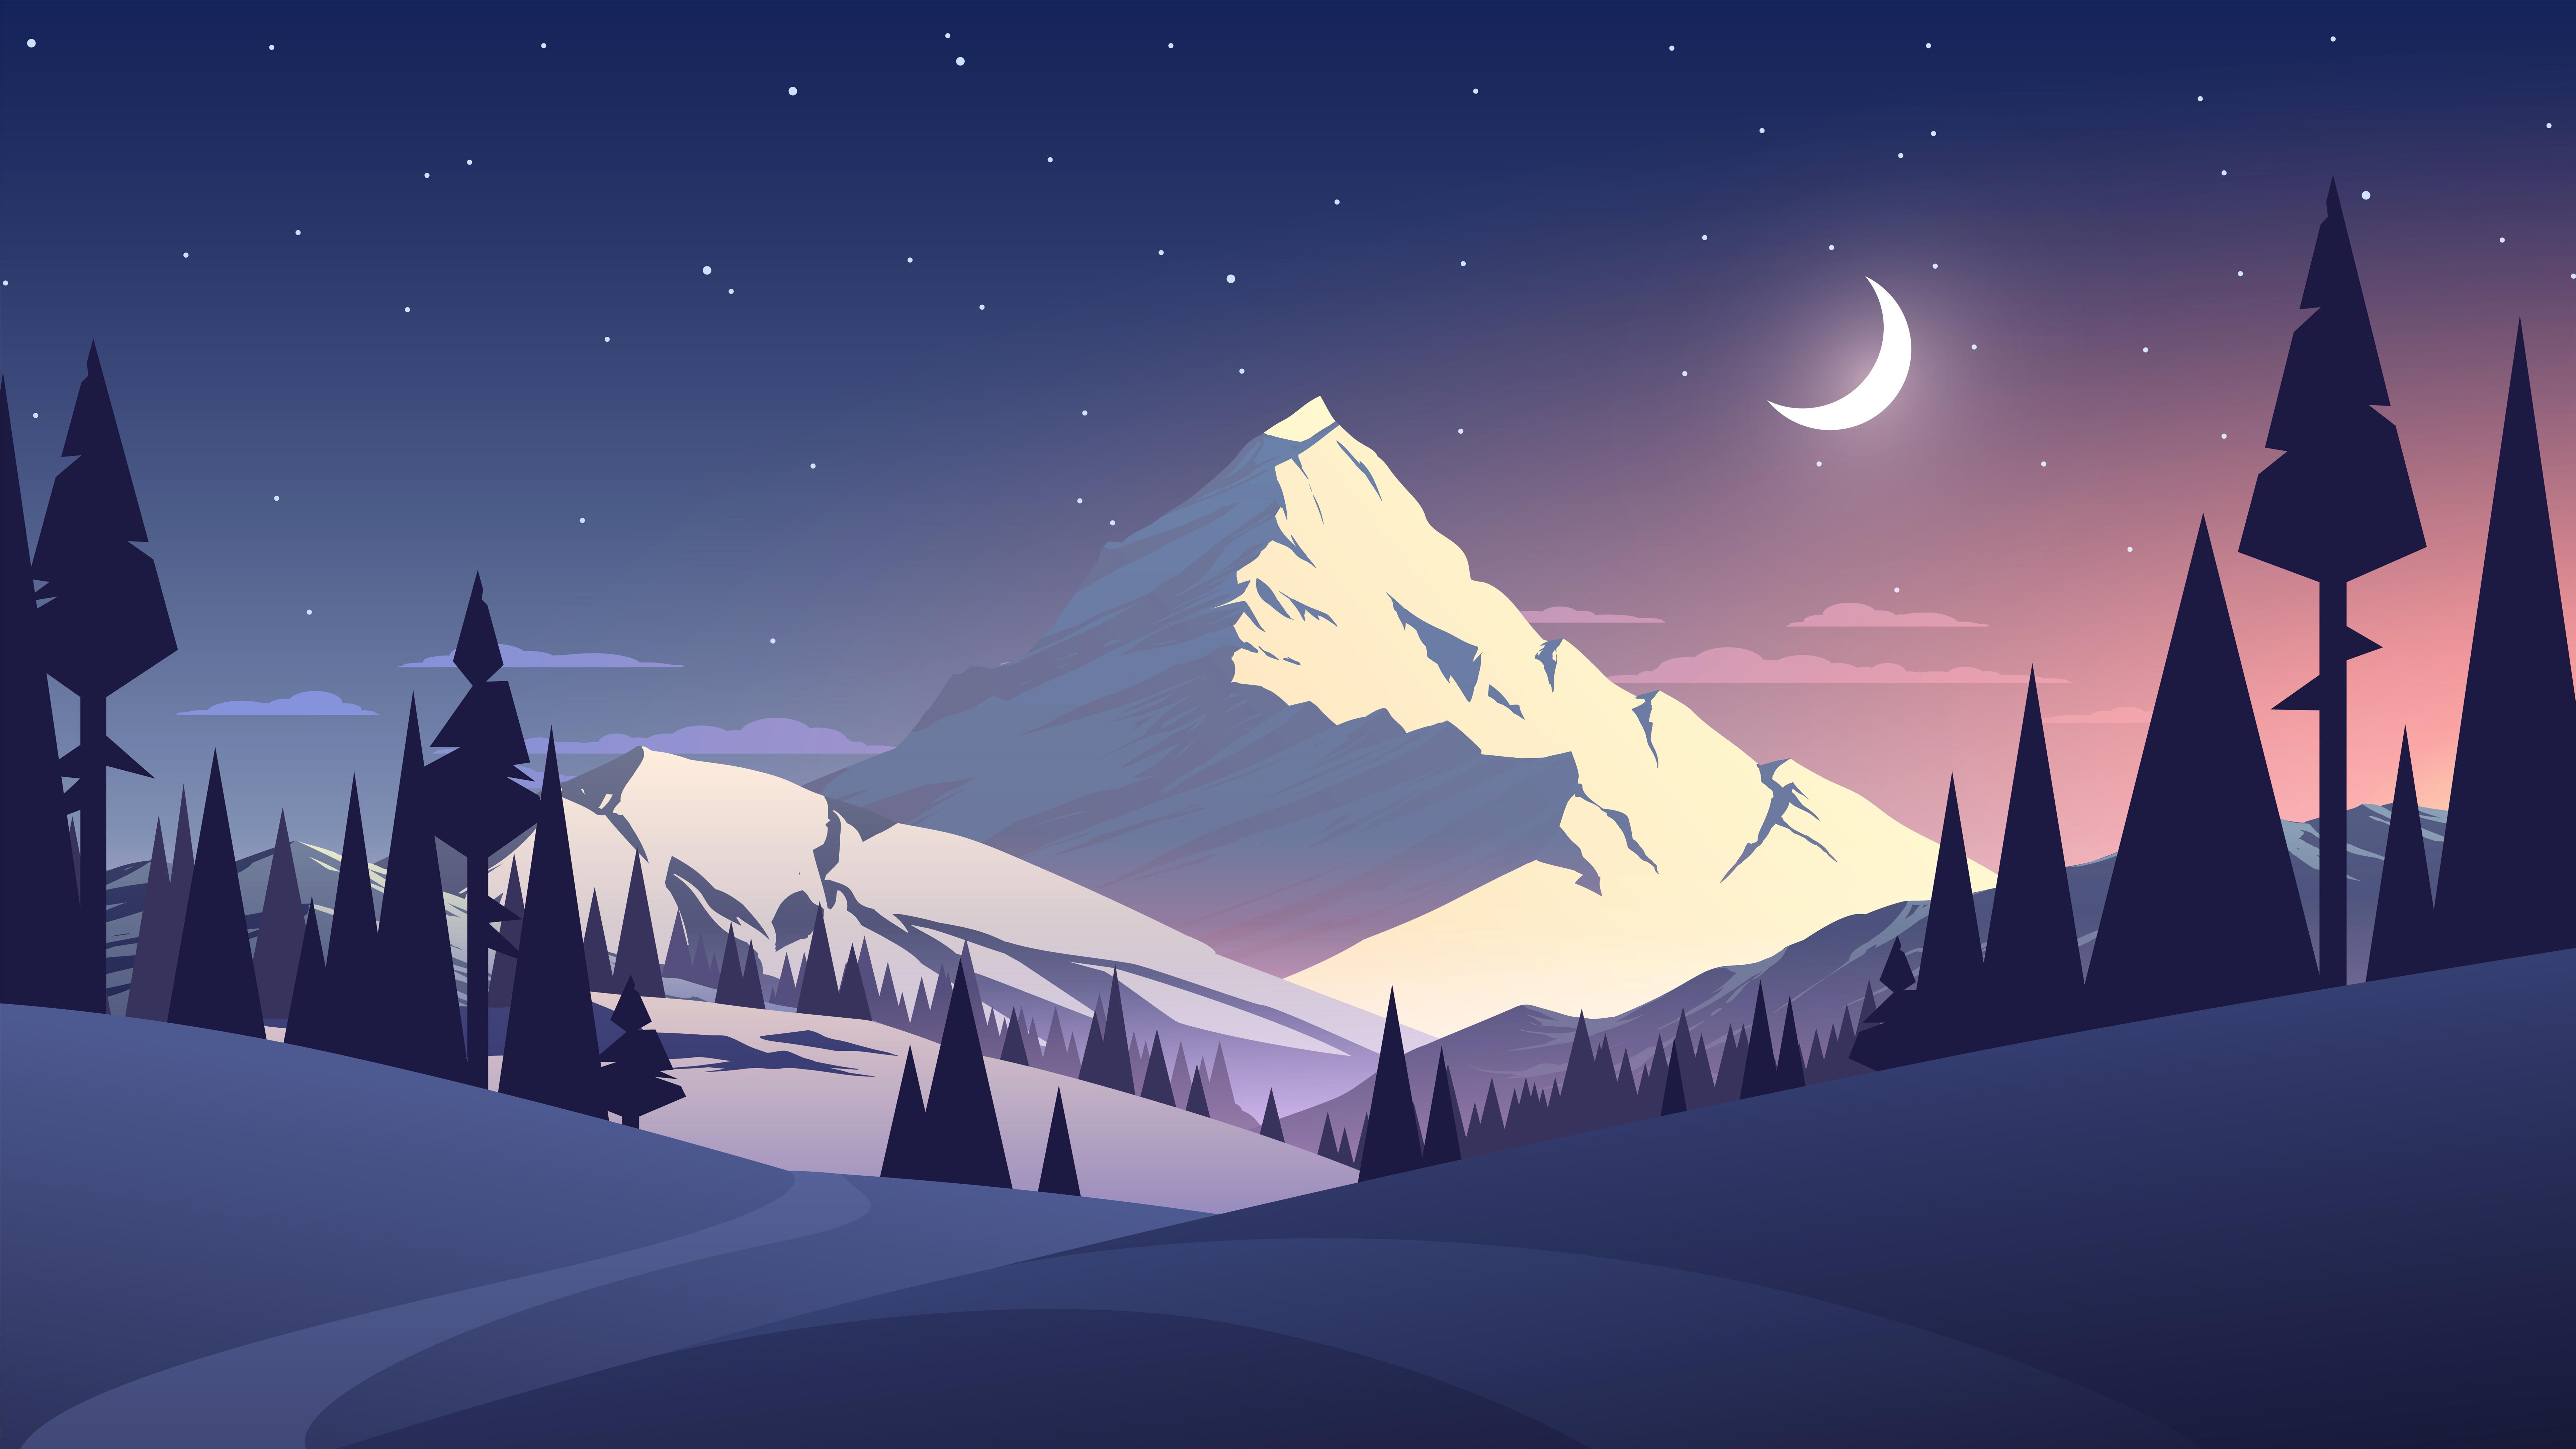 Night Mountains Summer Illustration Wallpaper Hd Artist 4k